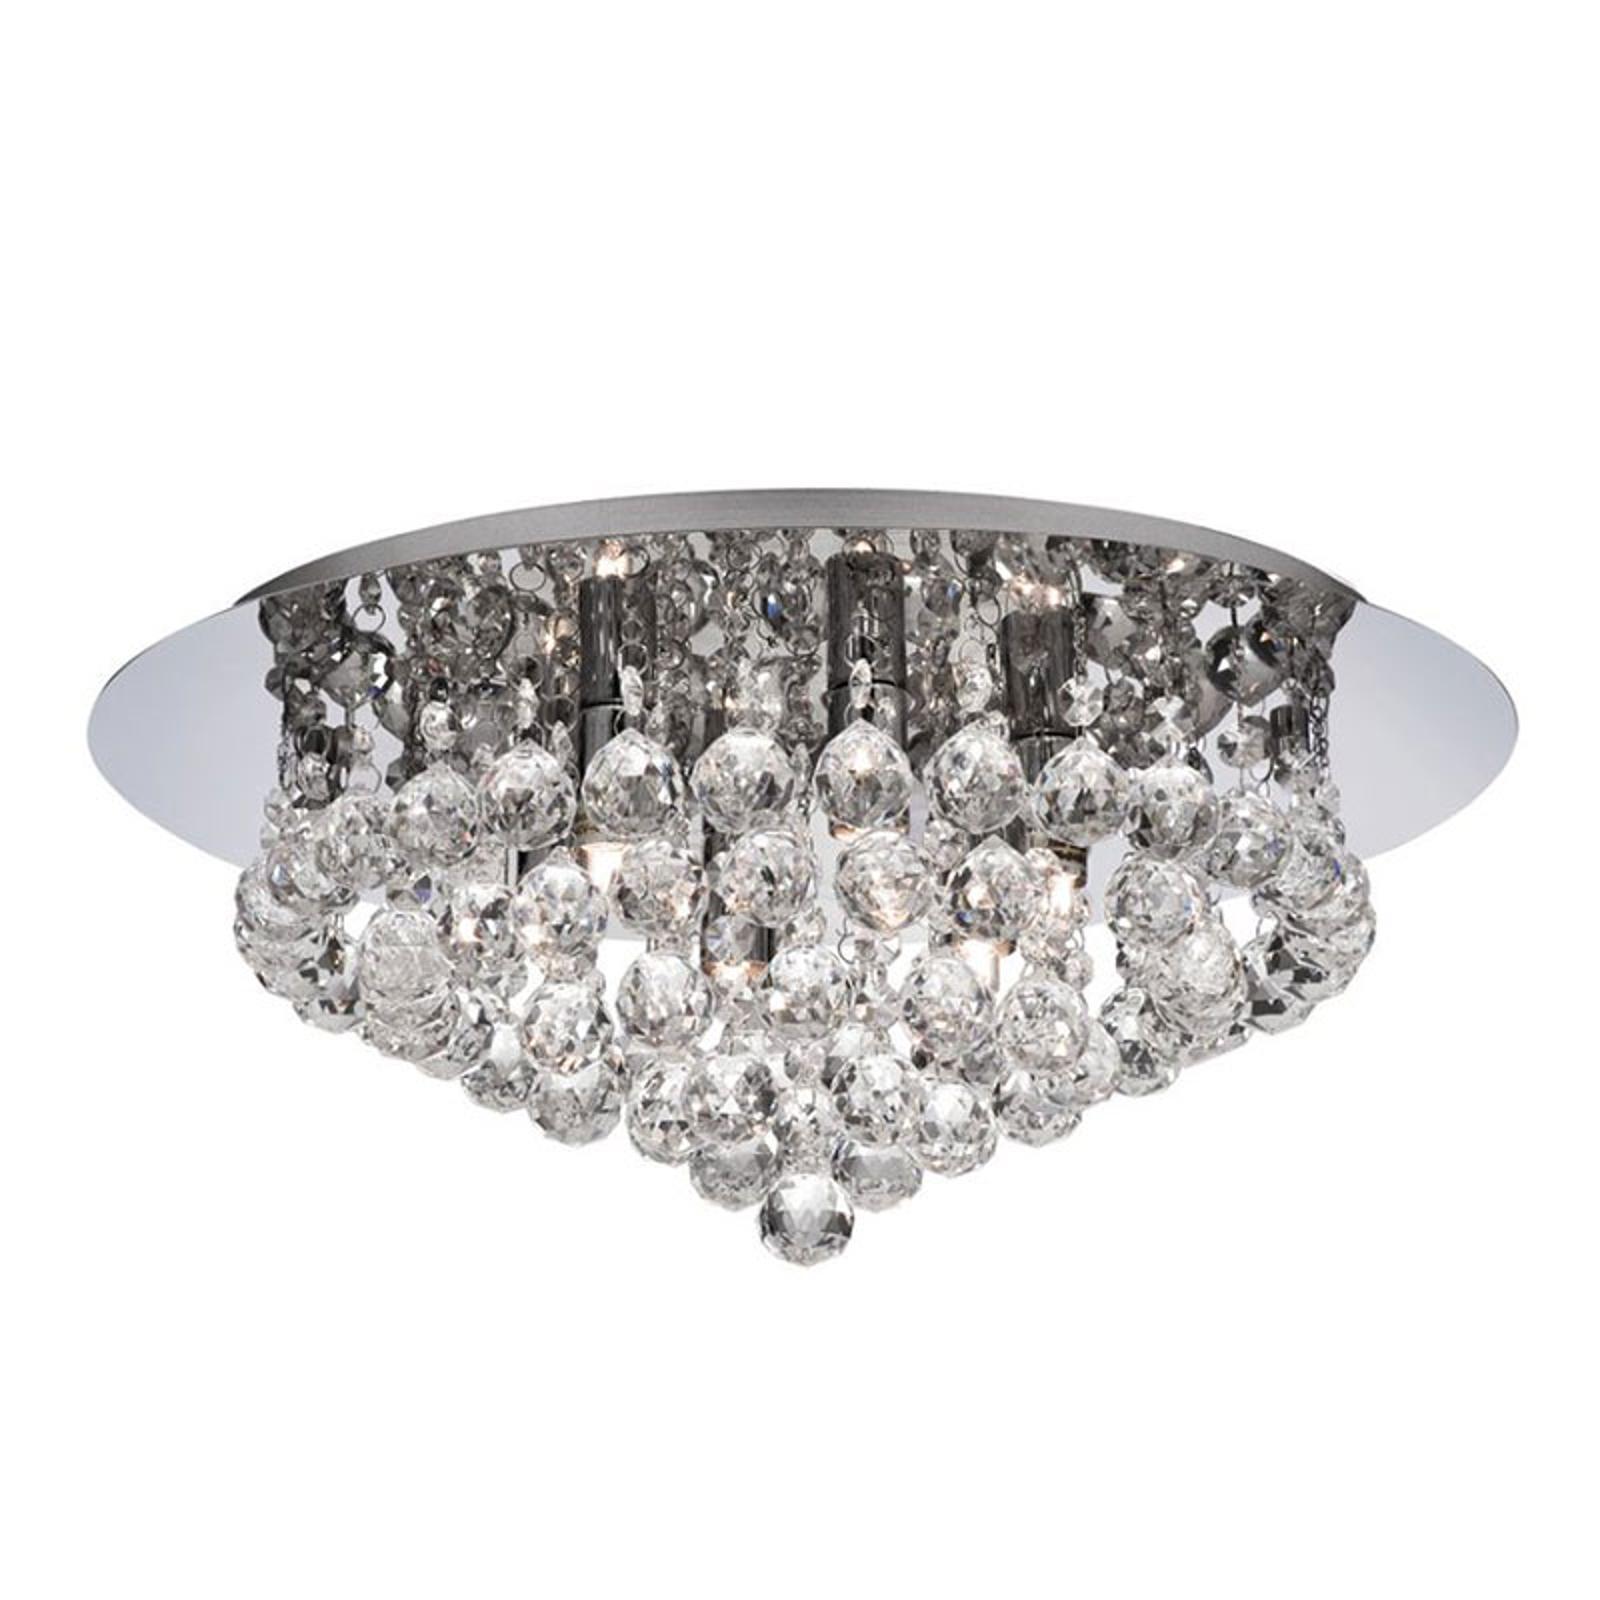 Taklampe Hanna krom med krystallkuller, 45 cm